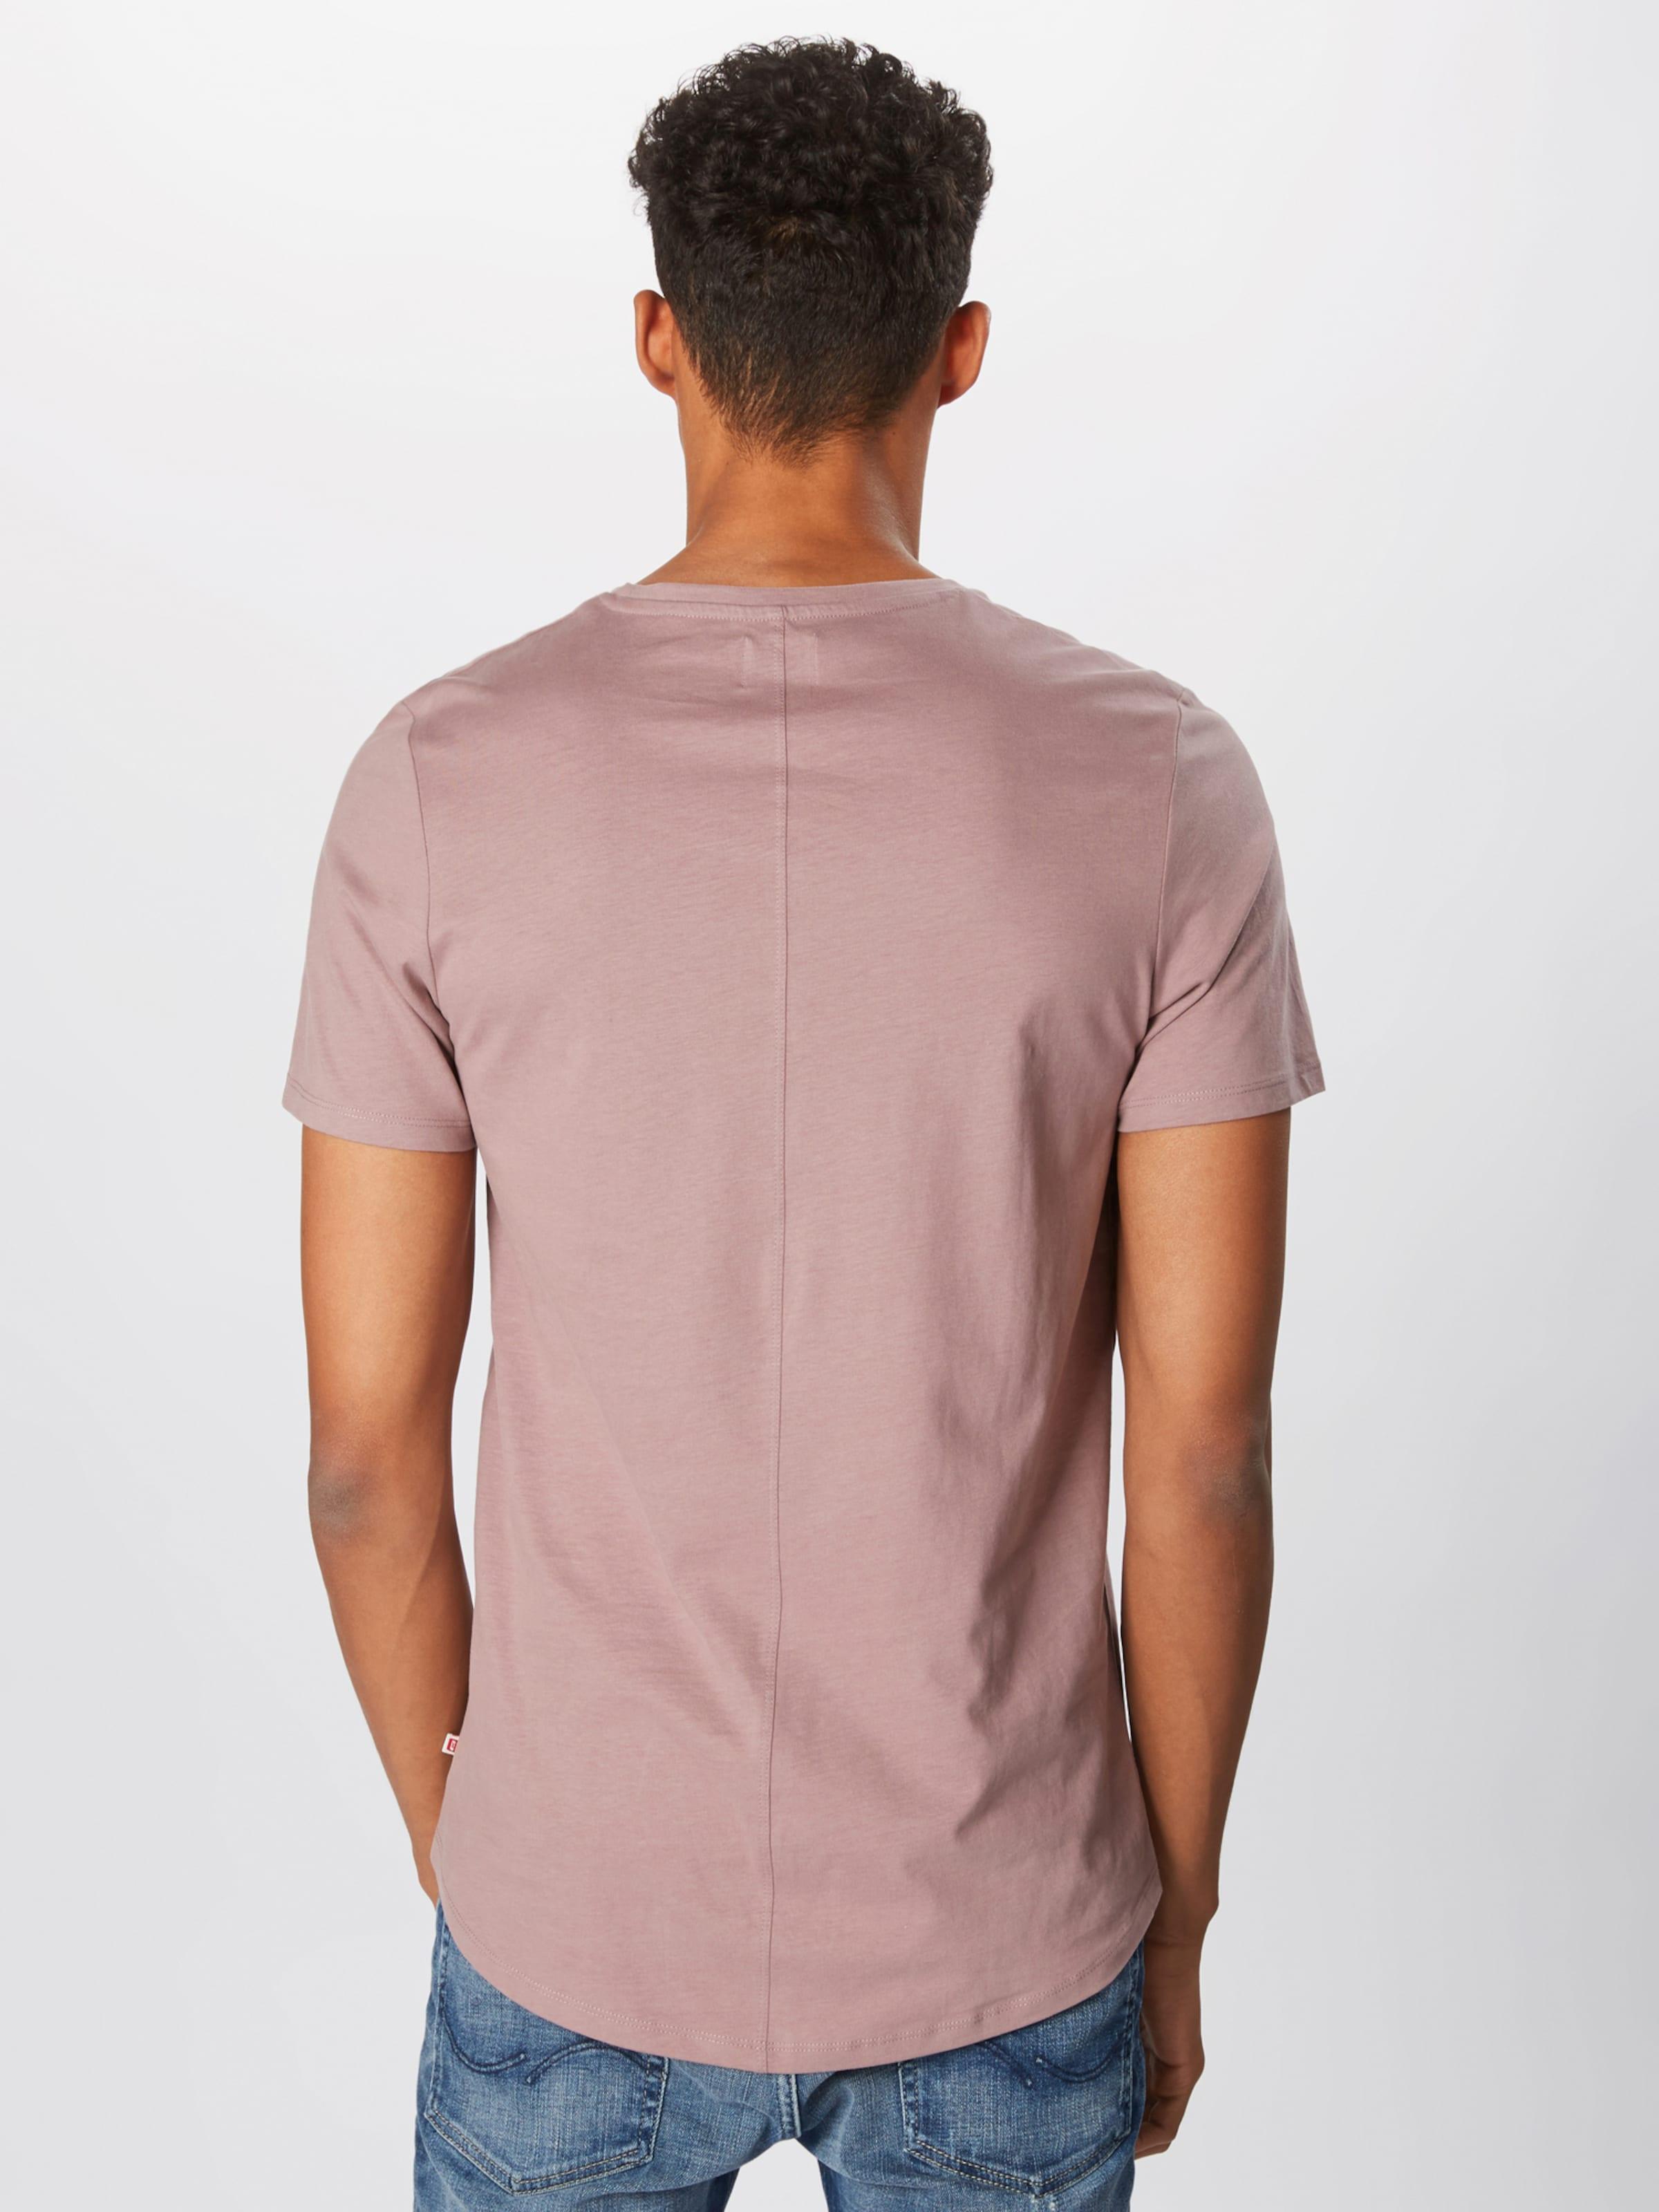 Jones Noir shirt T En Jackamp; dthCBsQrxo